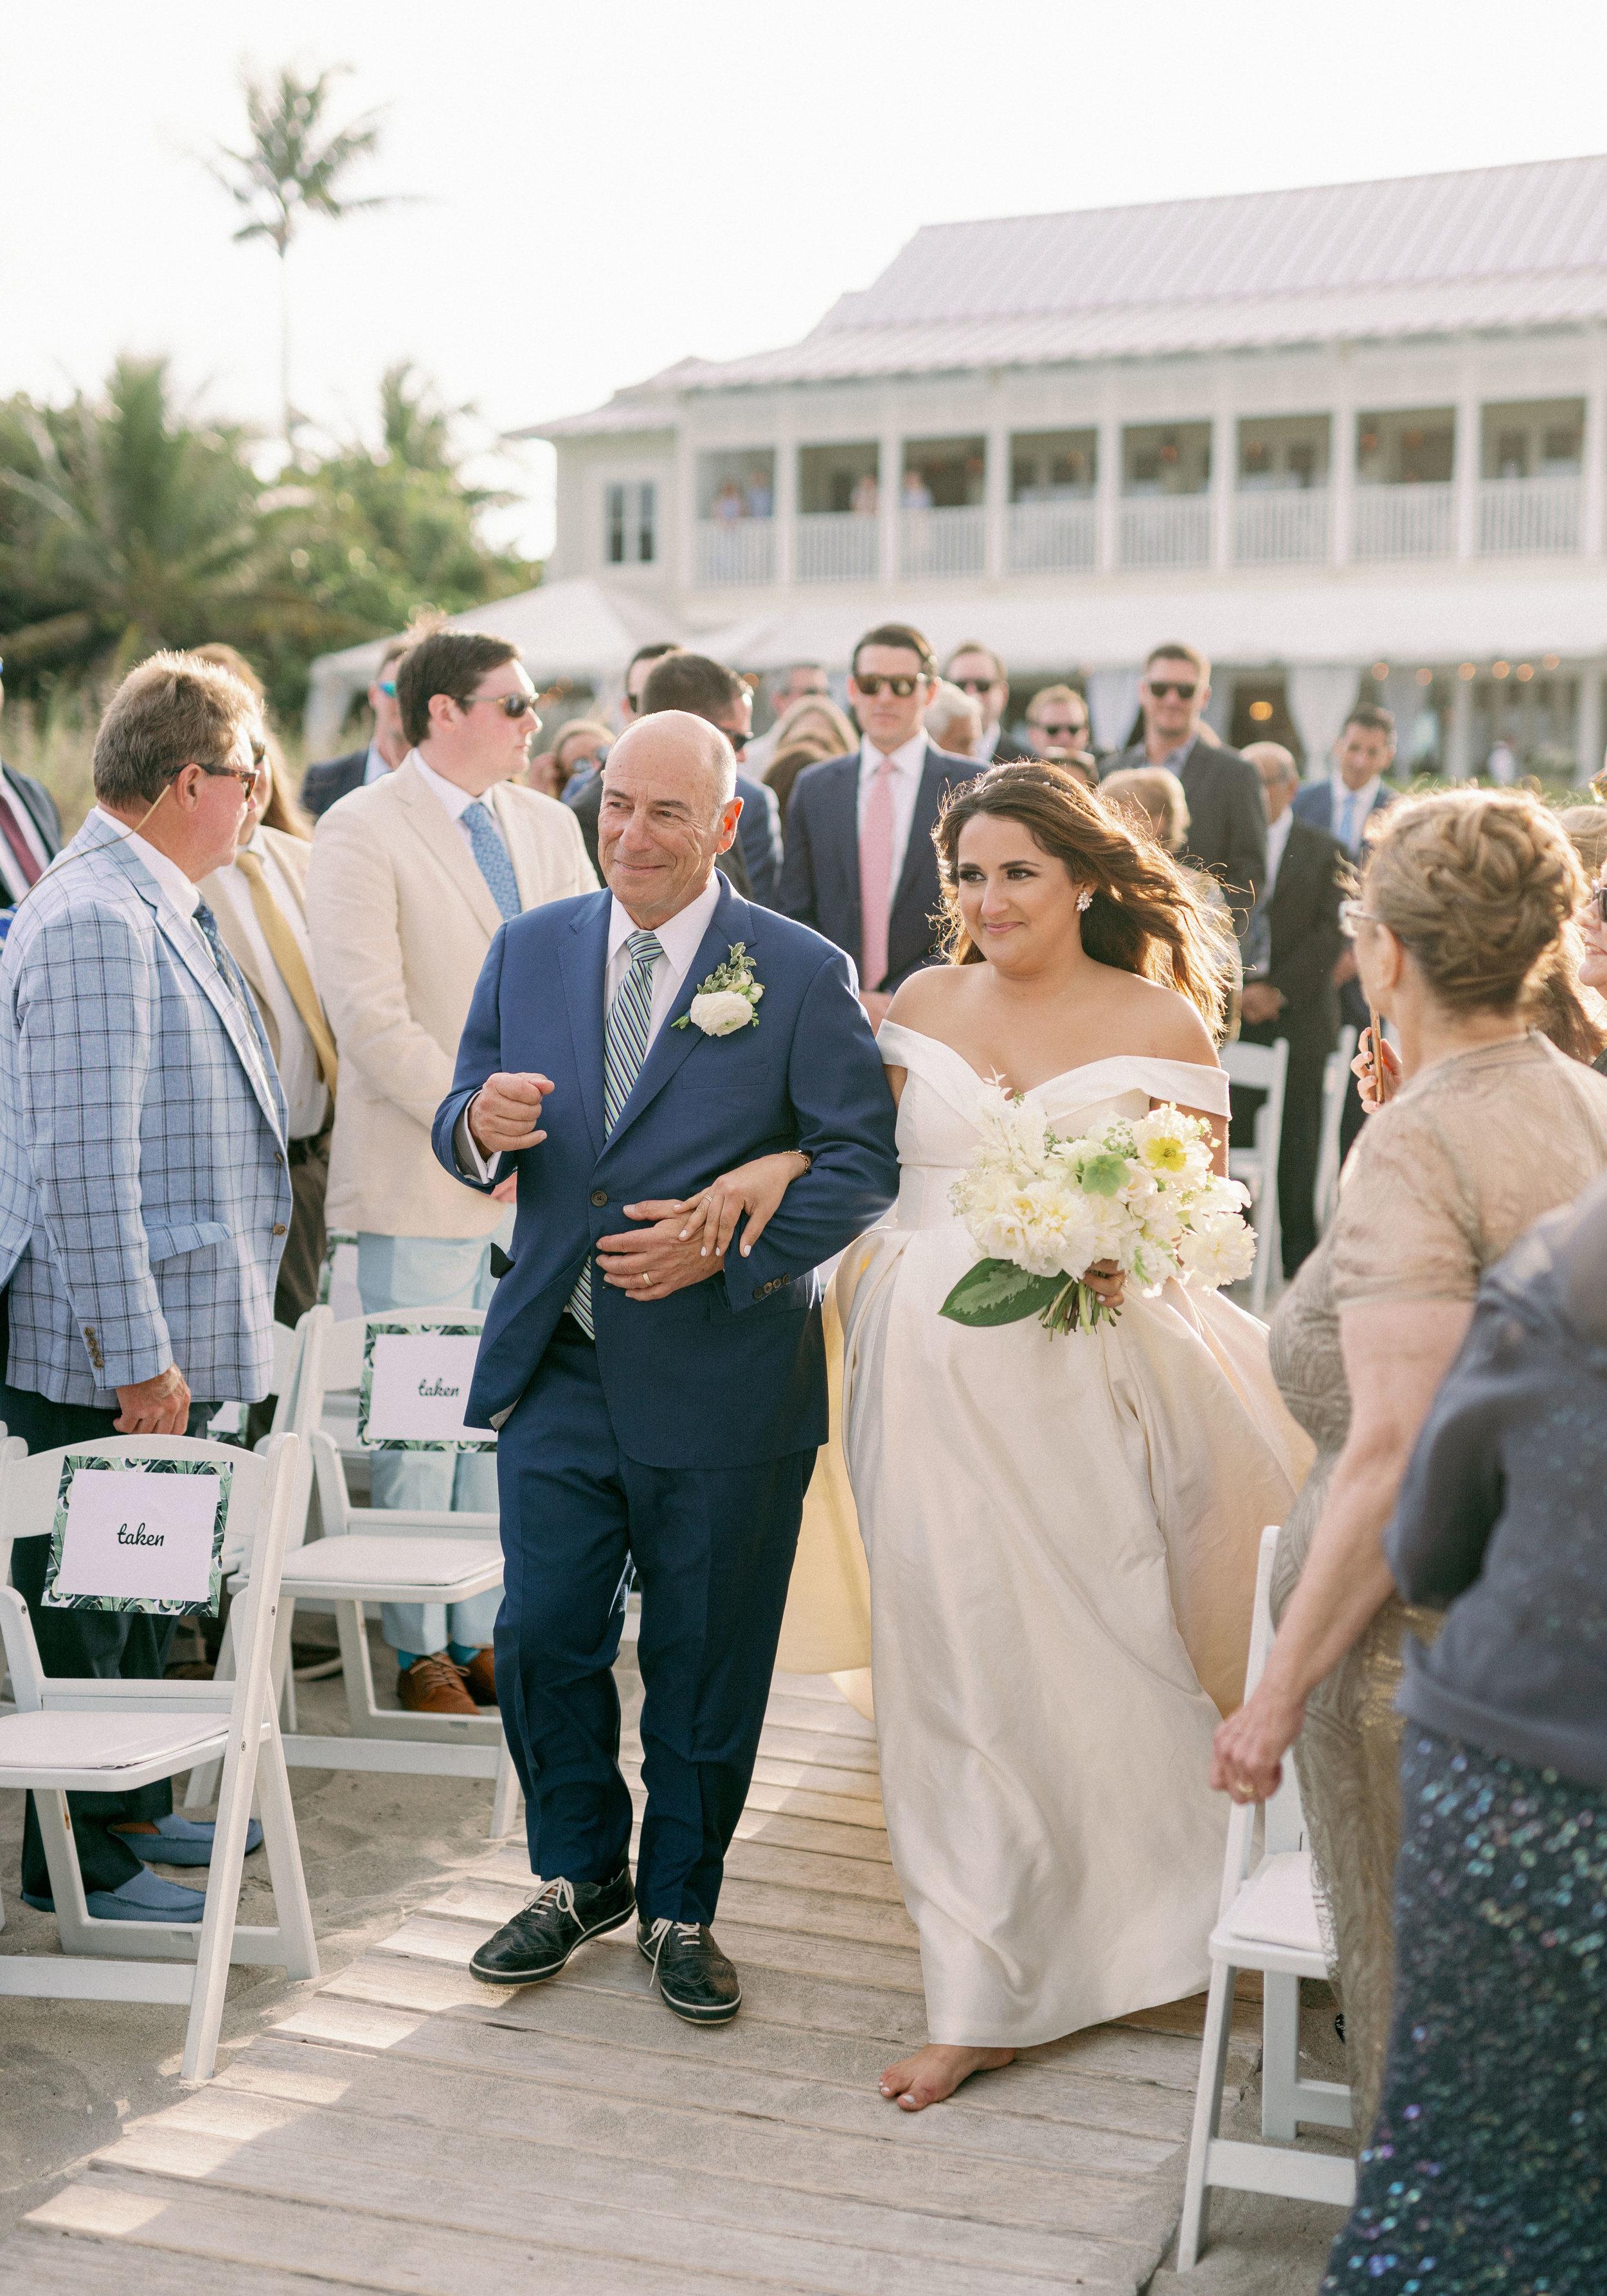 ourwedding308994.jpg